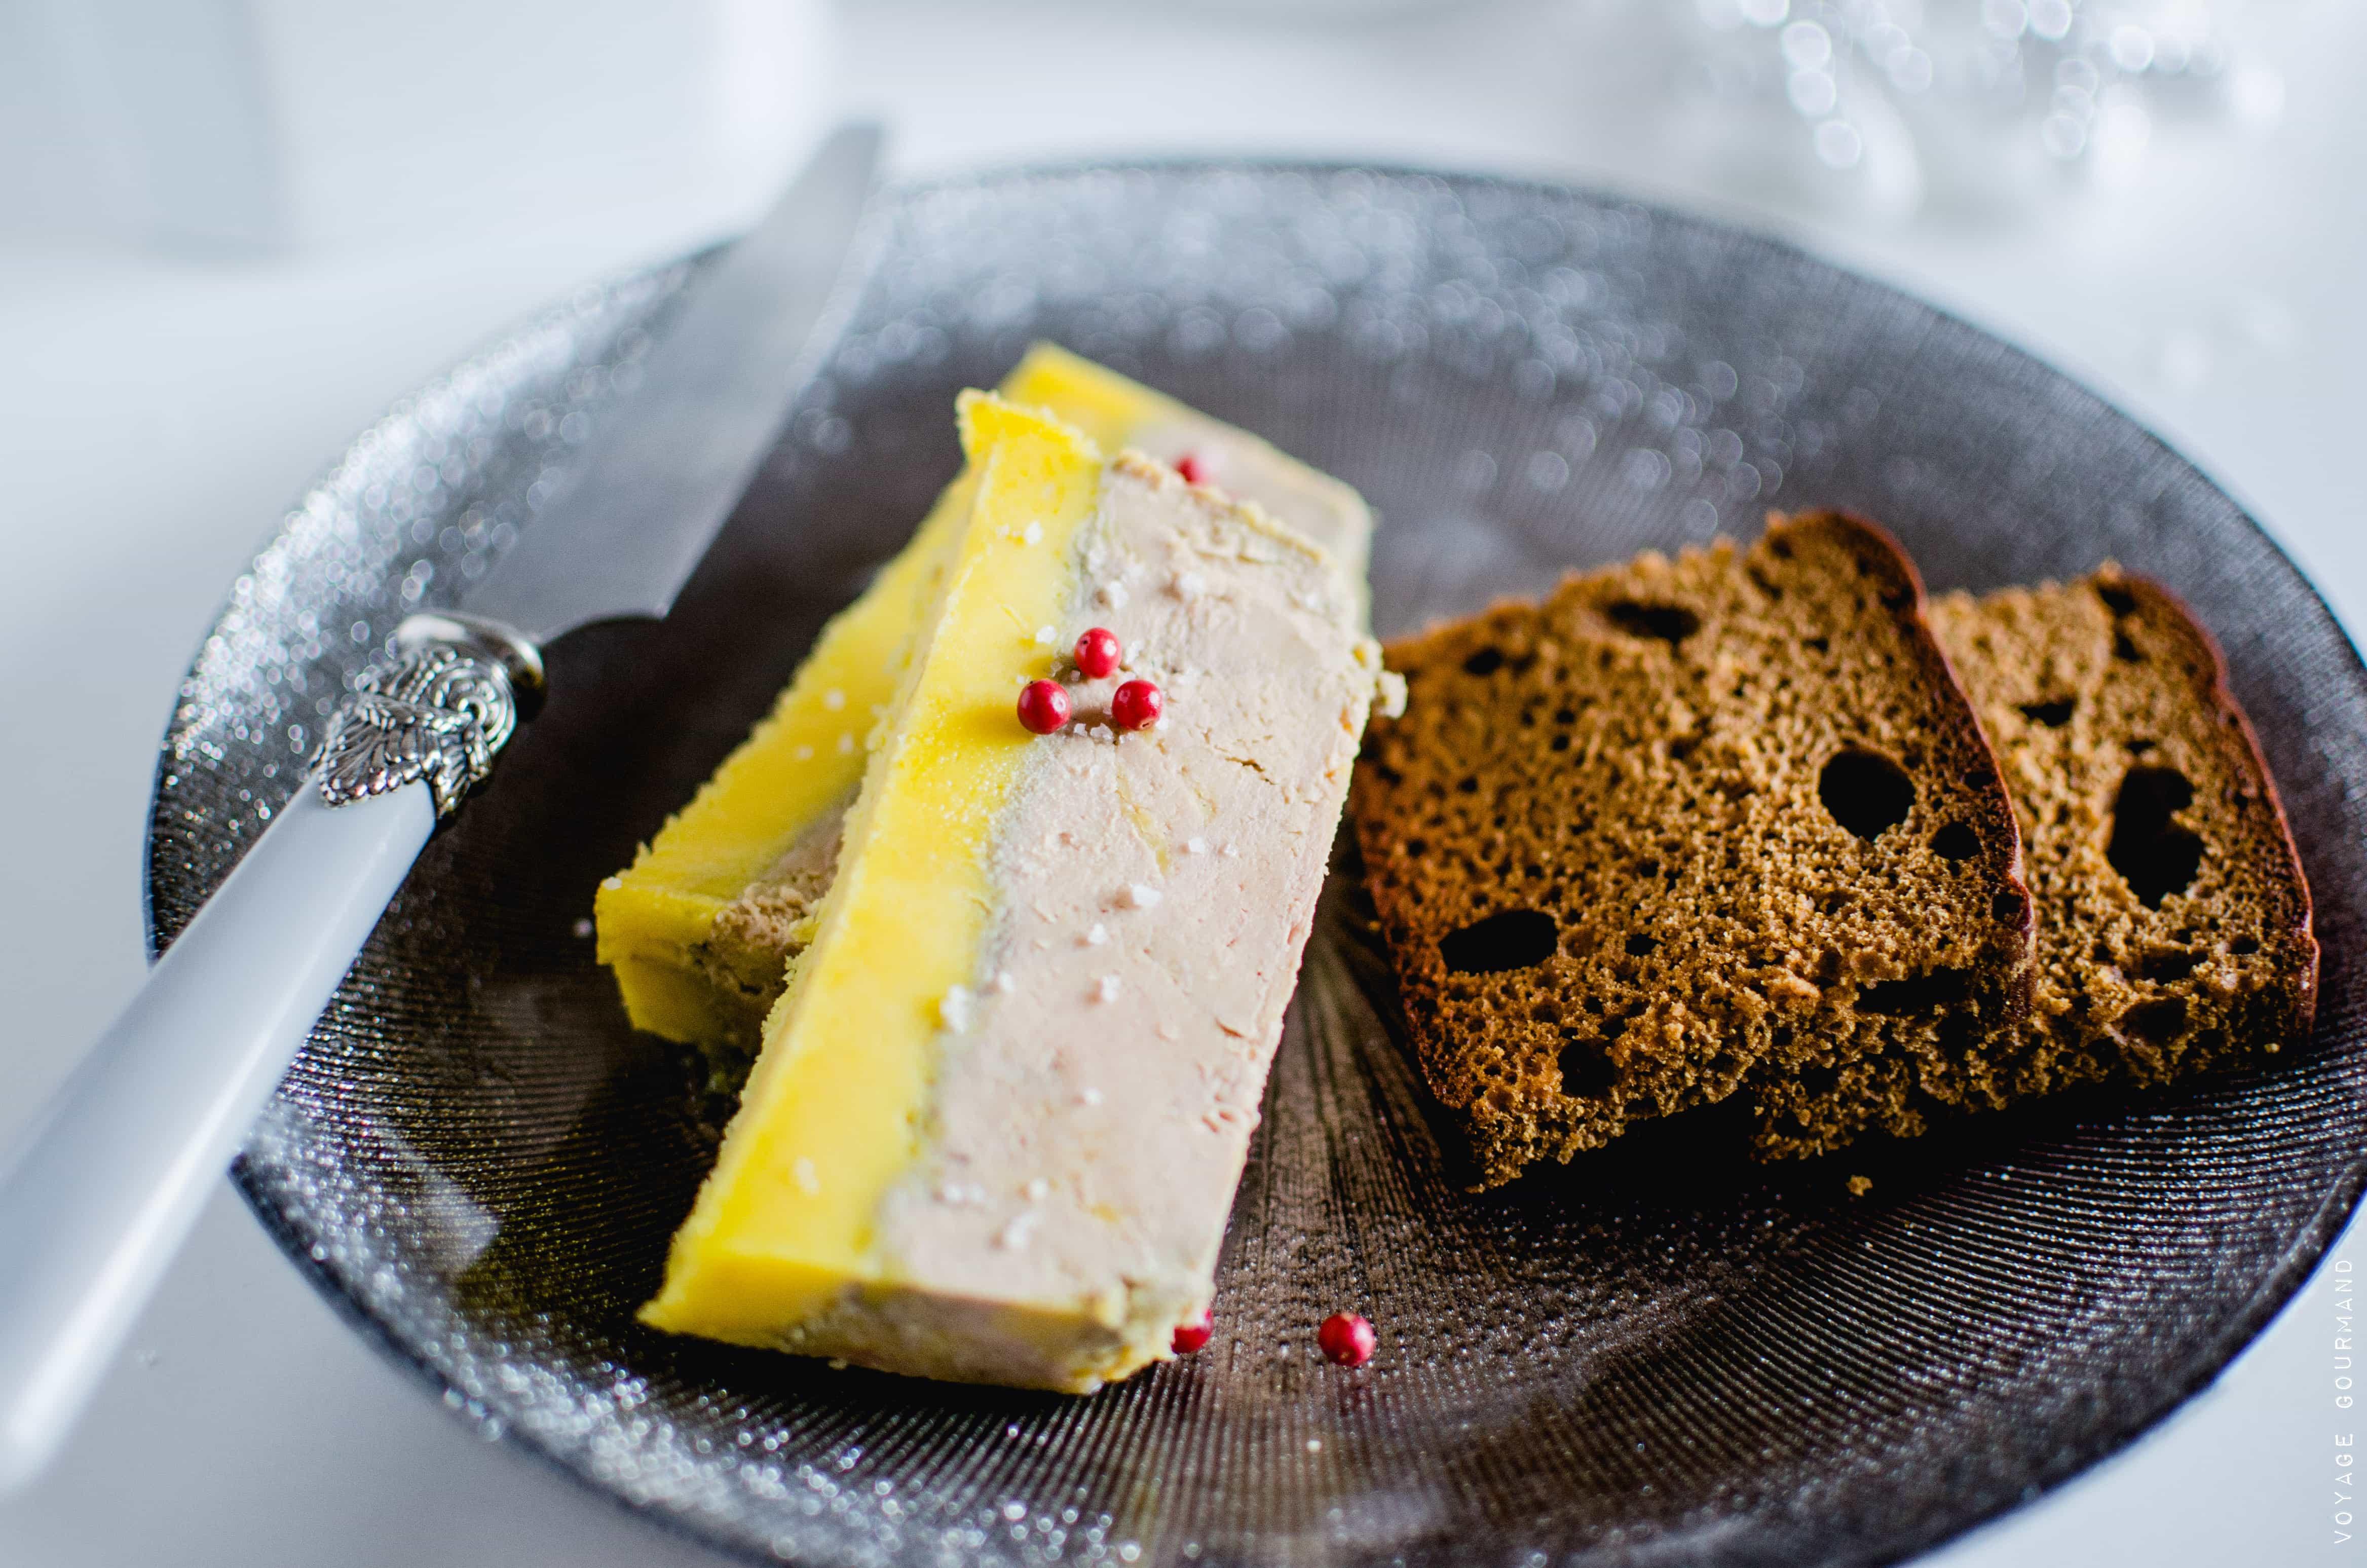 Foie gras en terrine au muscat et armagnac